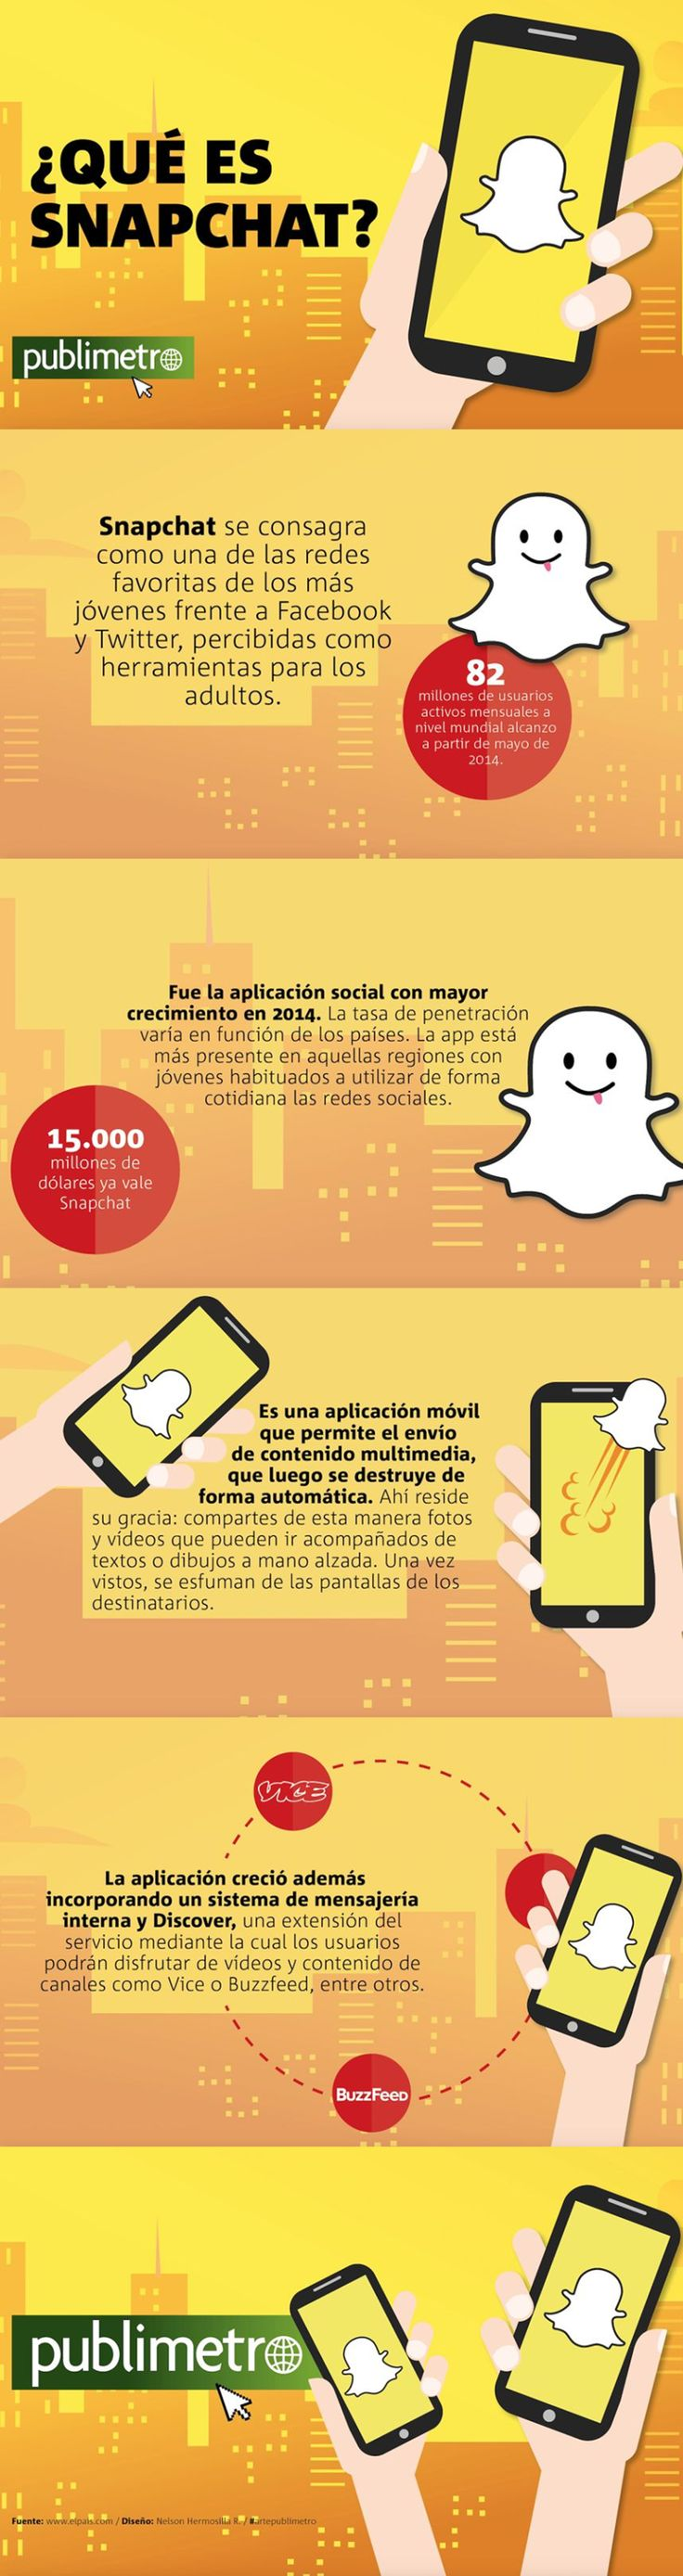 Qué es SnapChat #RedesSociales #Snapchat #SocialMedia